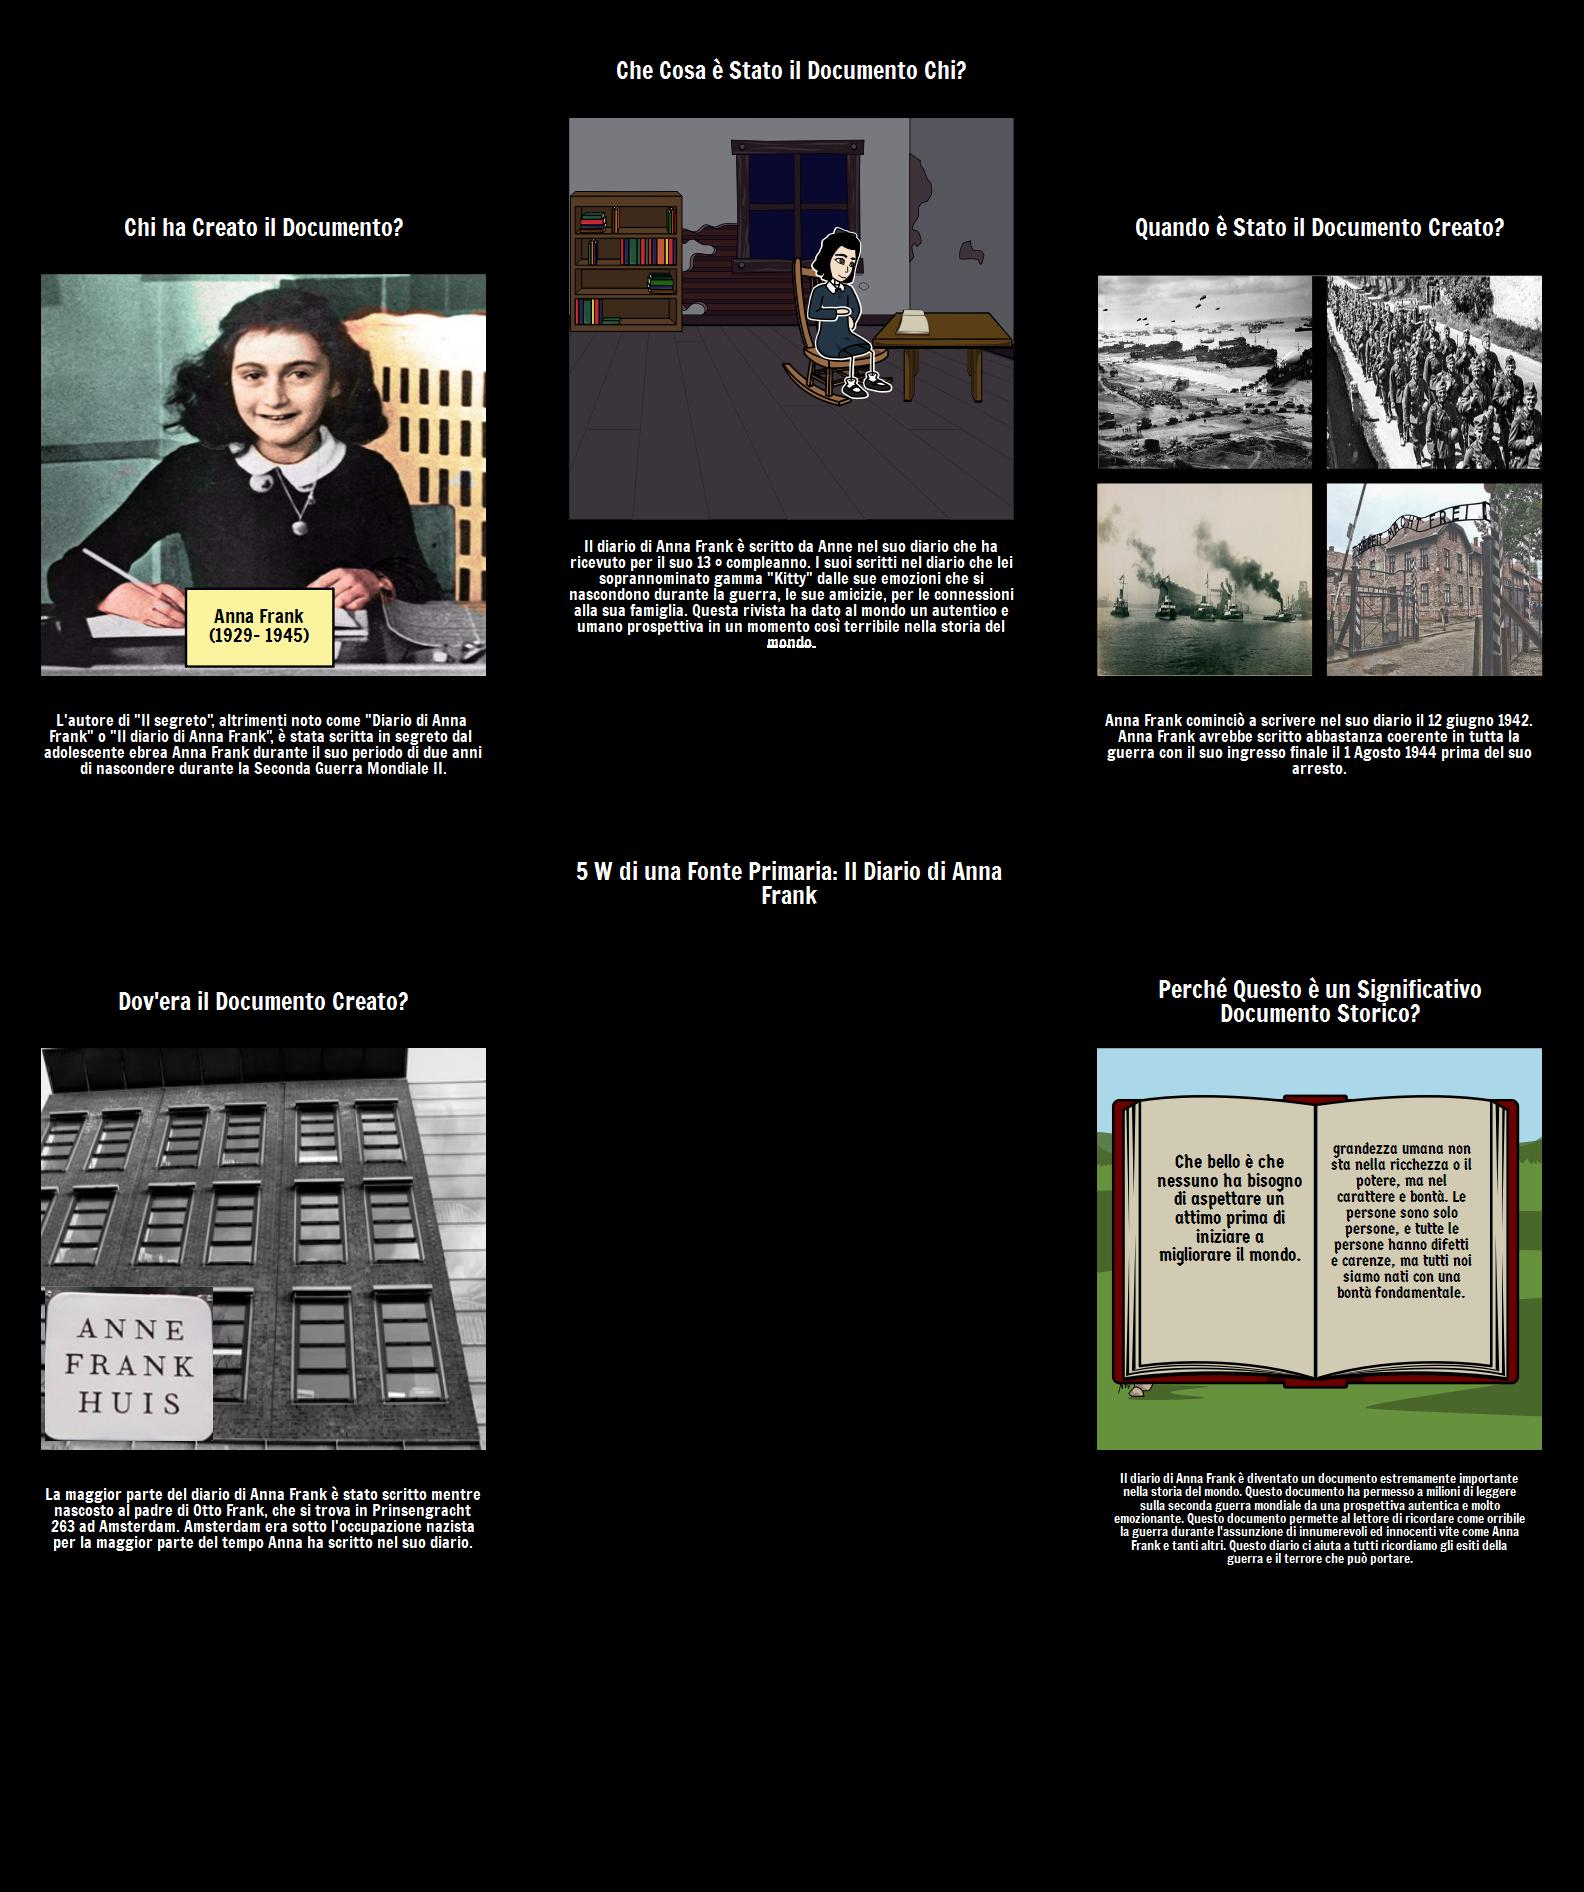 Primaria 5Ws Fonte: Il diario di Anna Frank